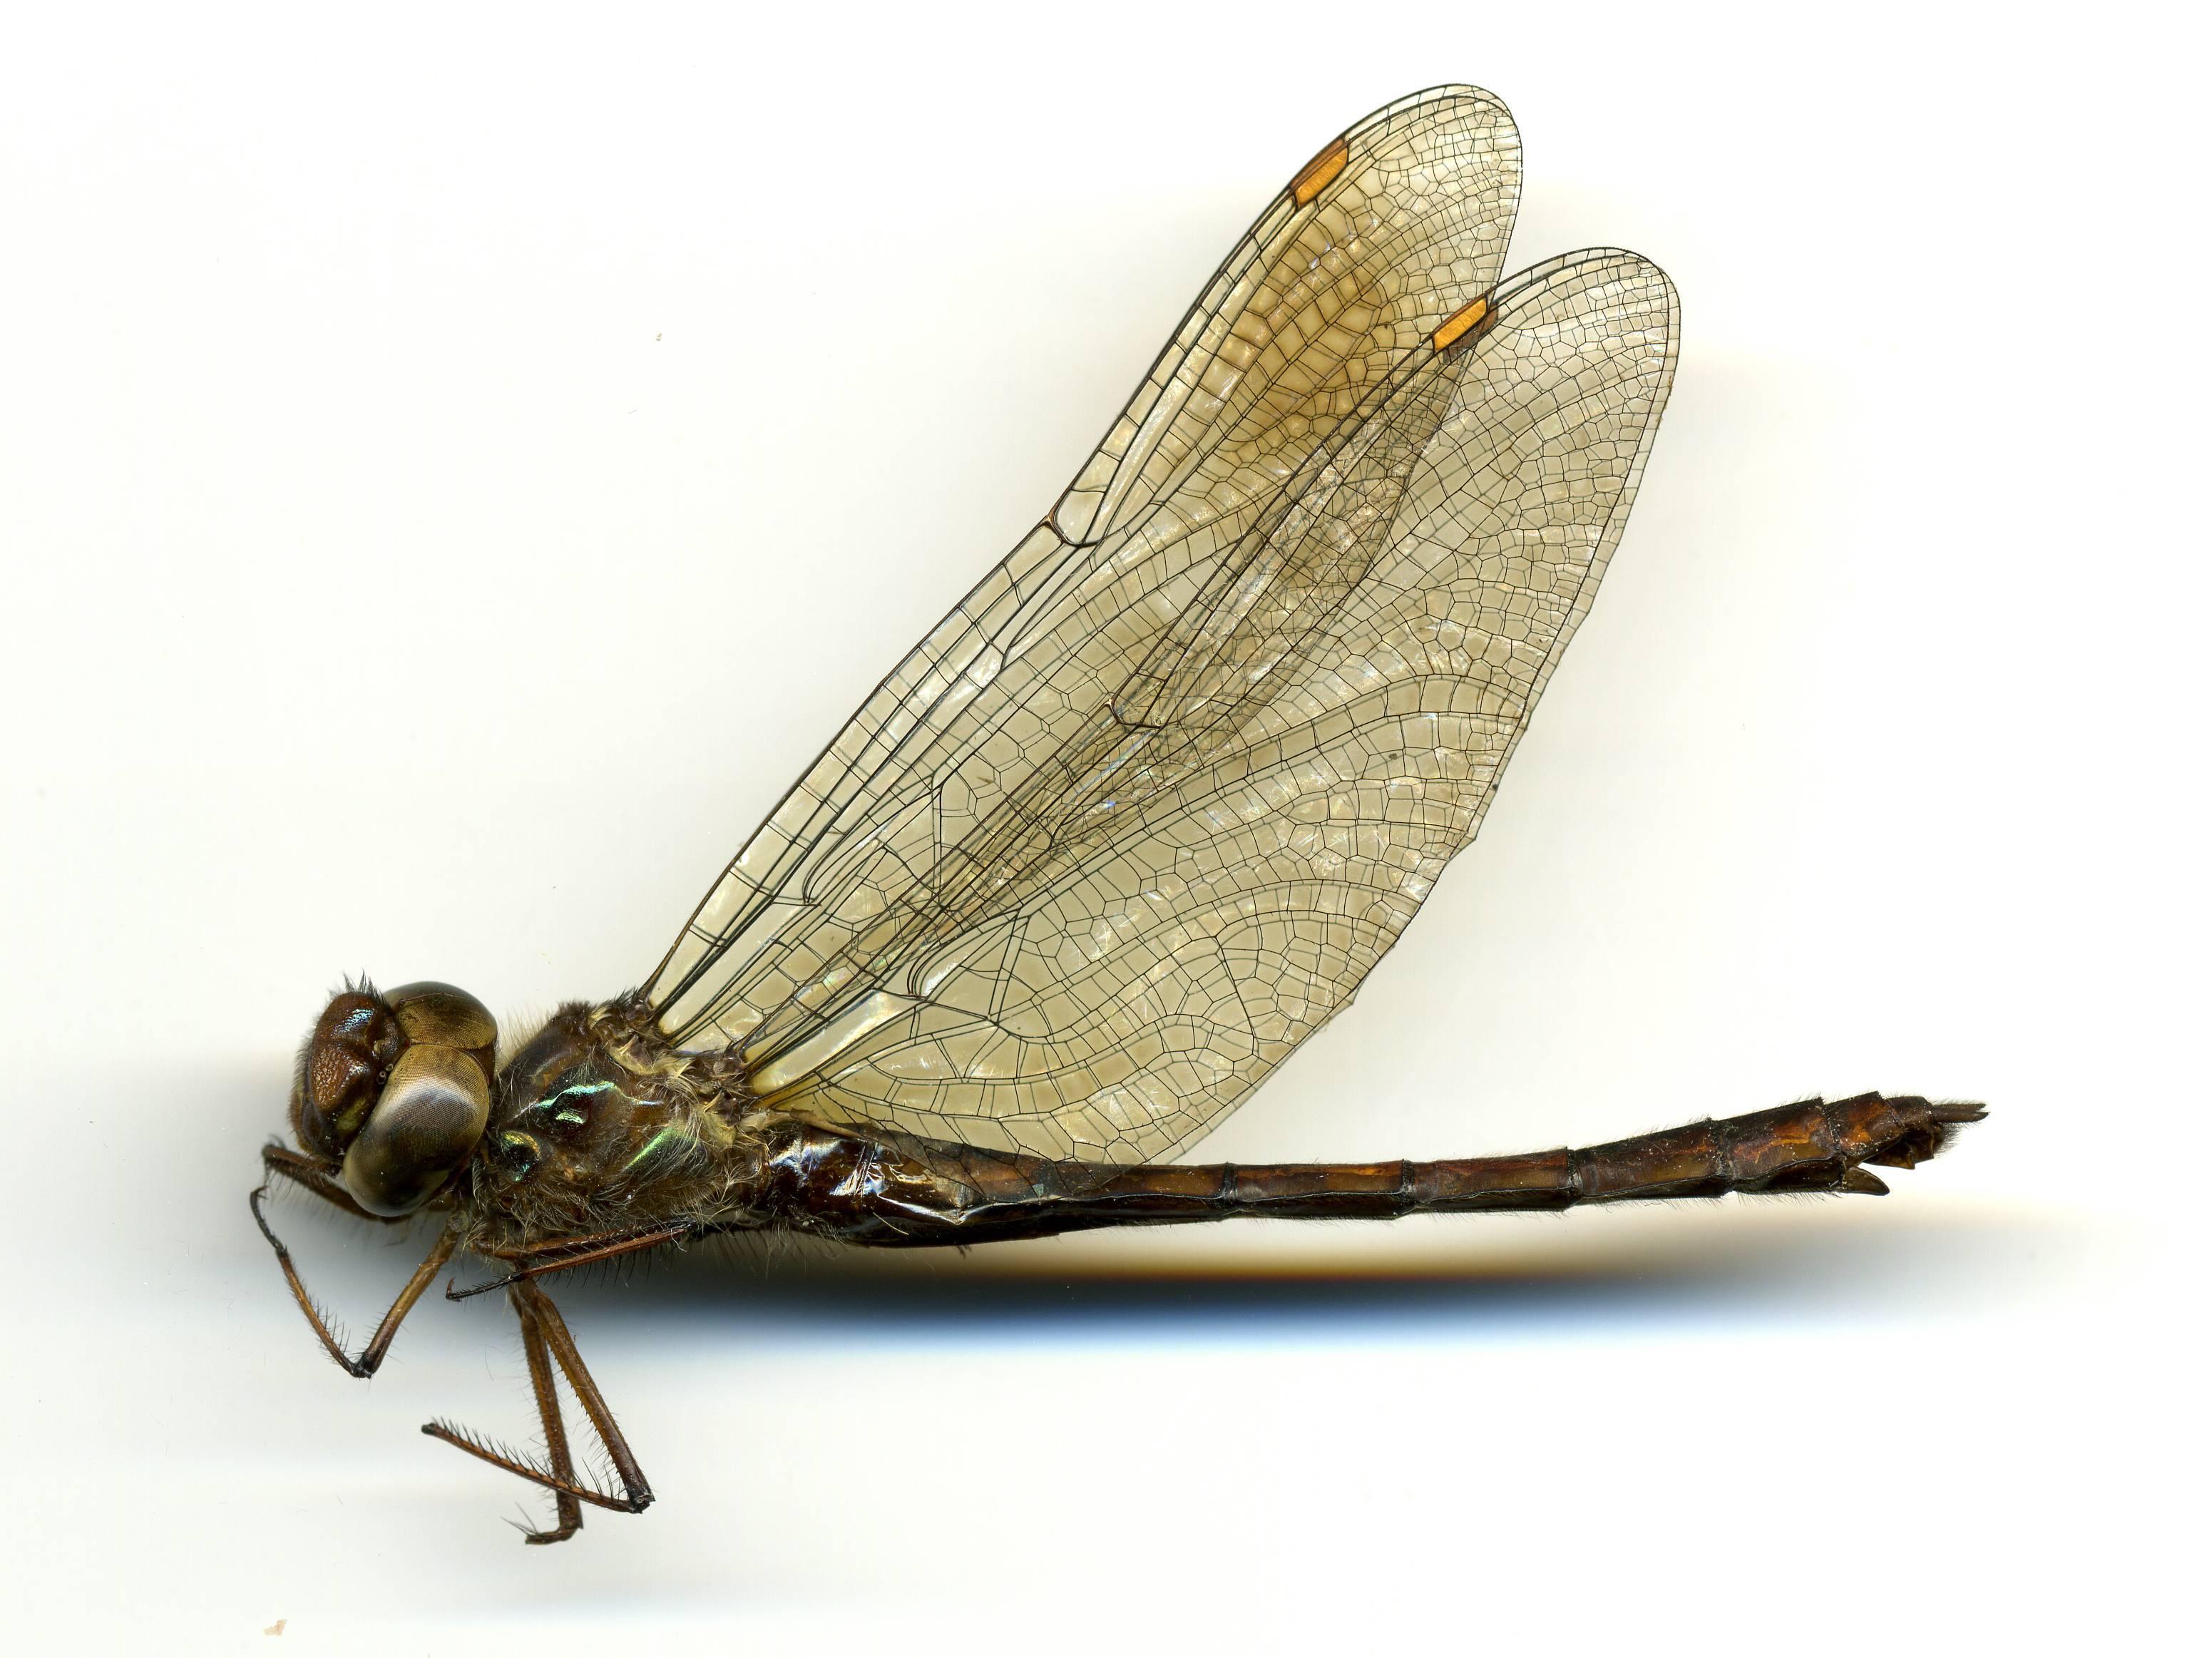 Image of Dusk Dragonfly